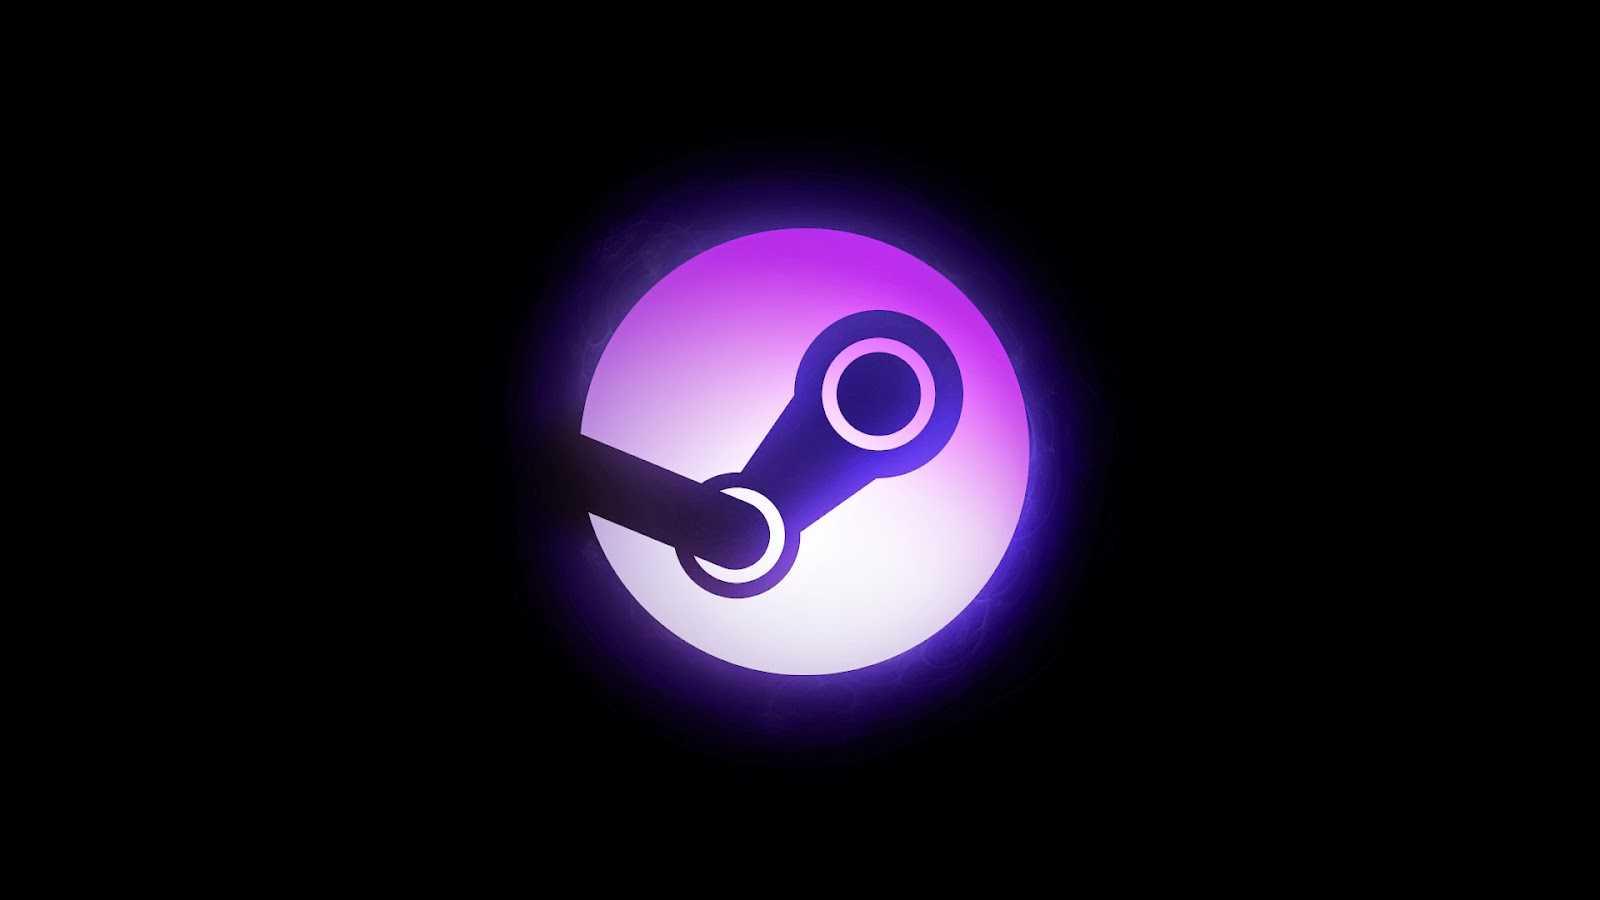 В иске утверждается, что Valve злоупотребляет своим господством на рынке, чтобы поддерживать высокие цены